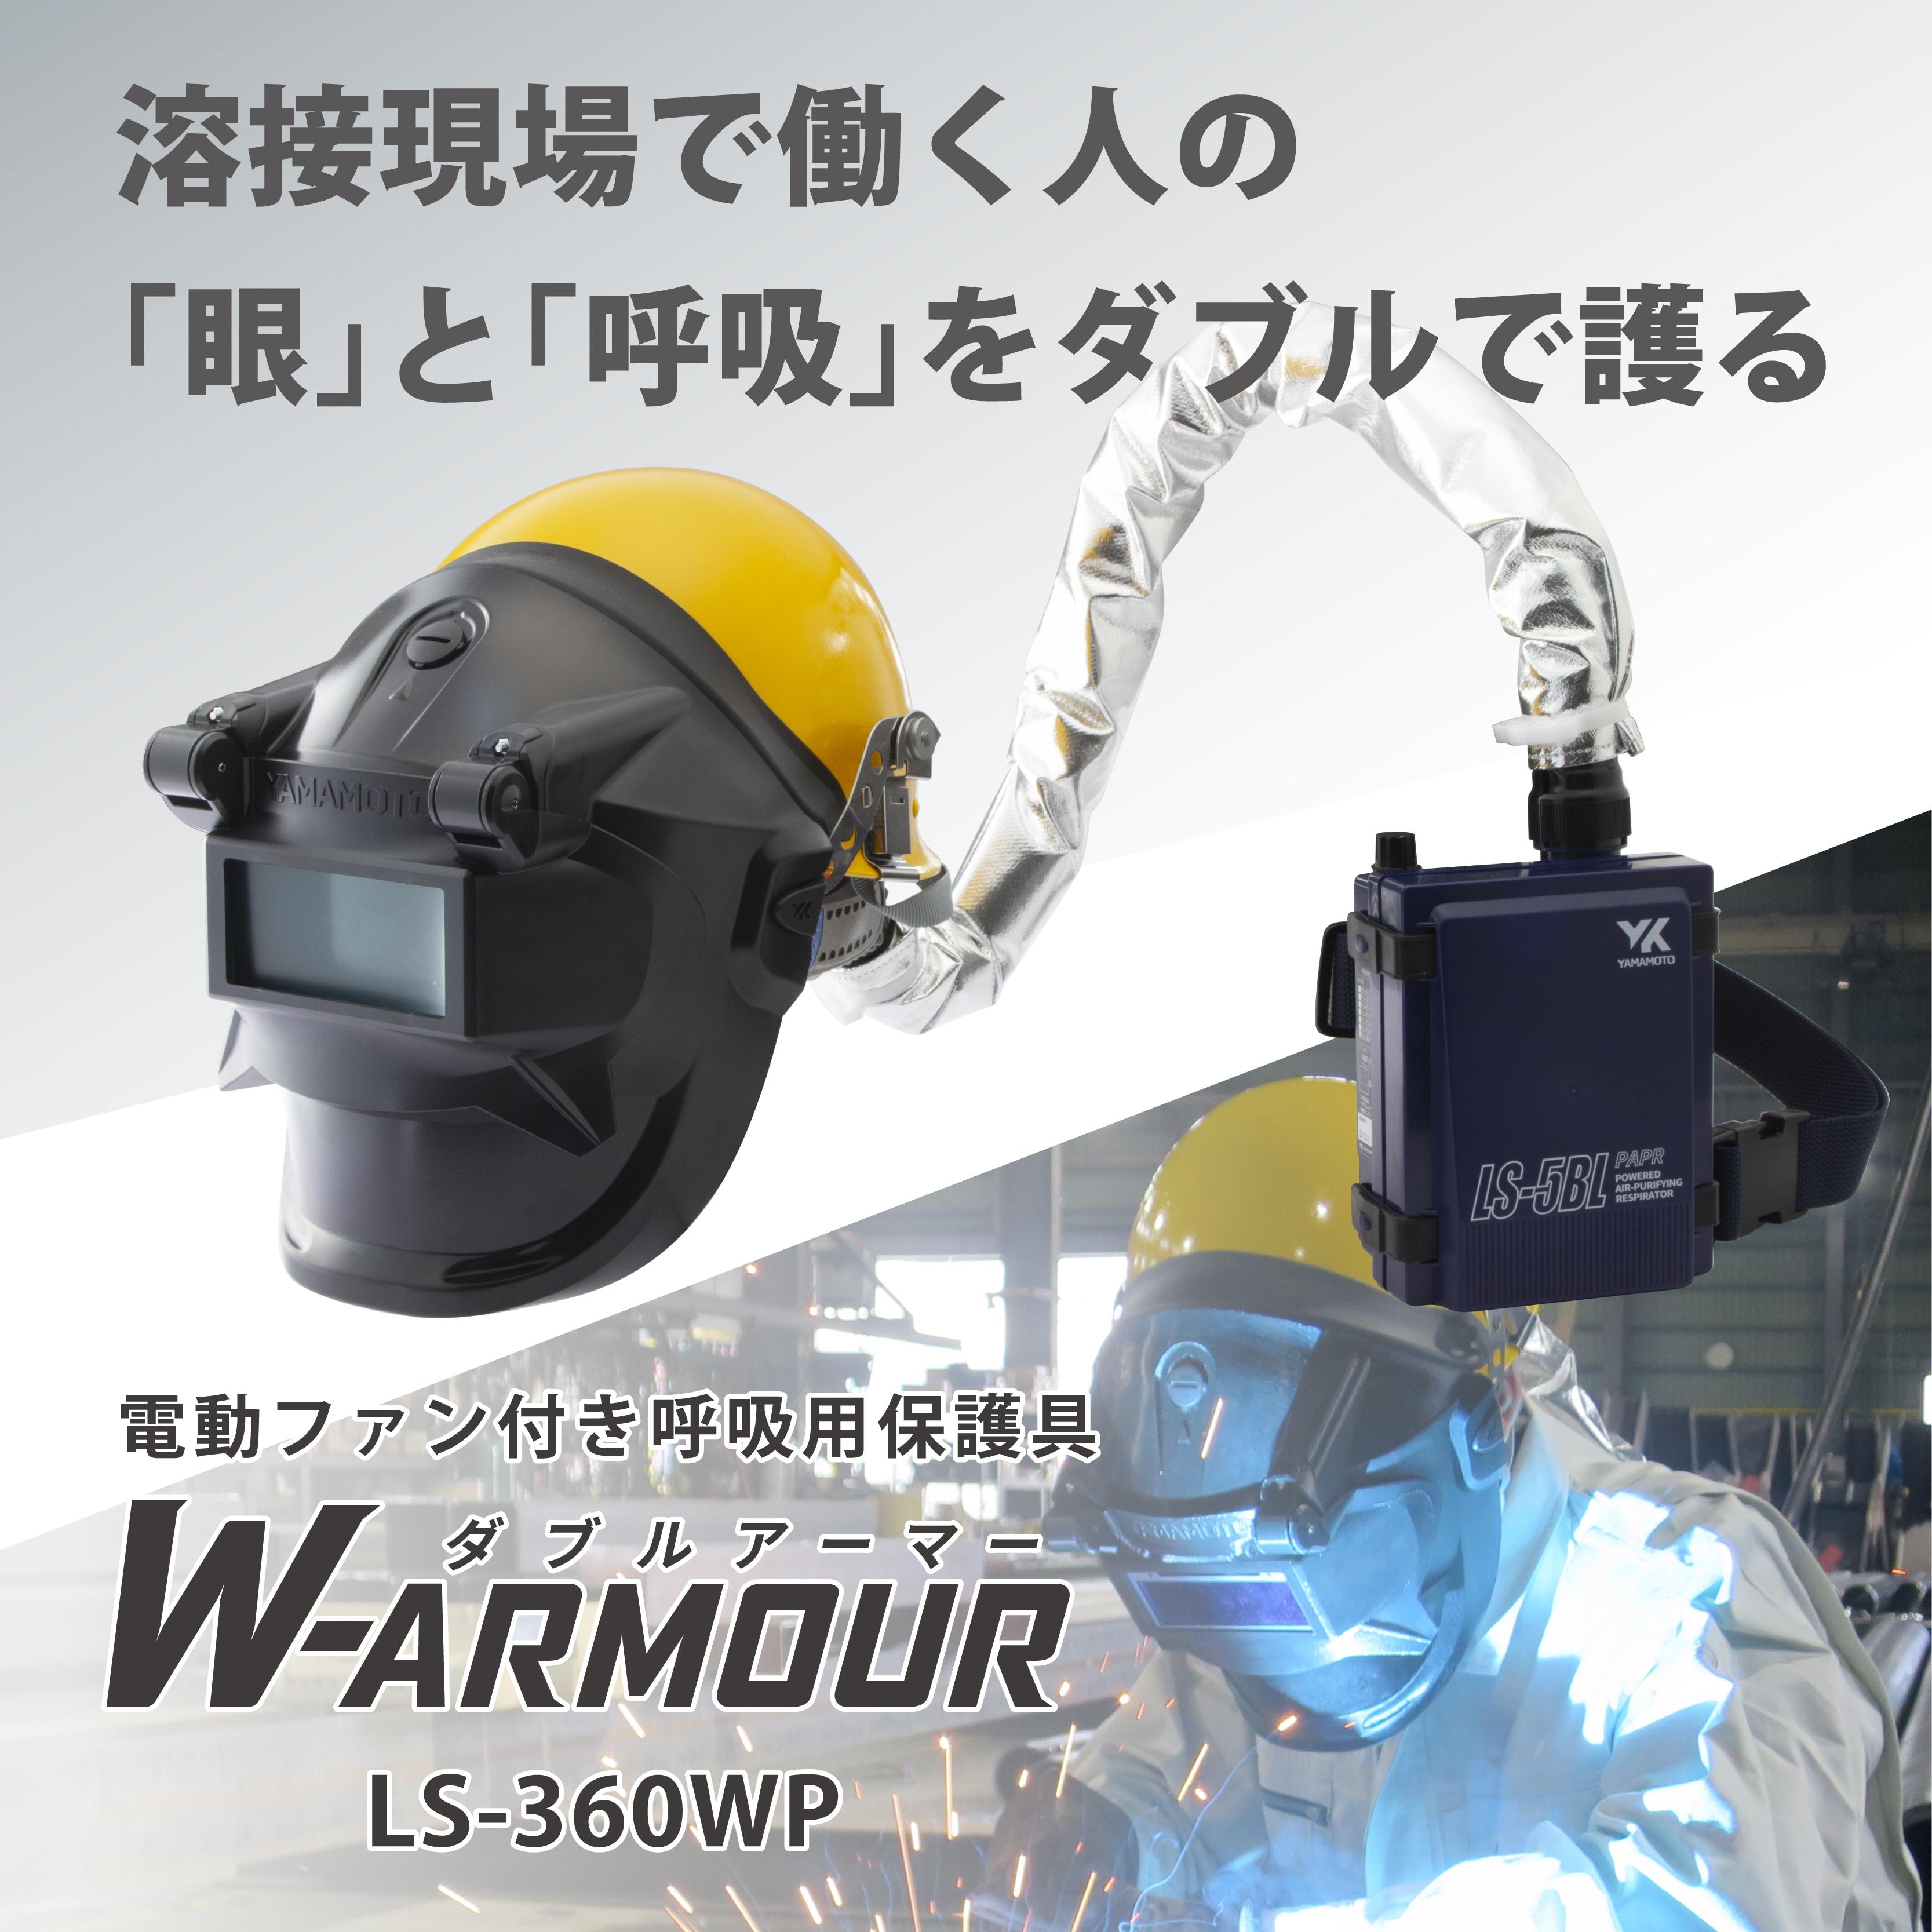 LS-360;WP ダクトアルミカバー付ワイドビュータイプ